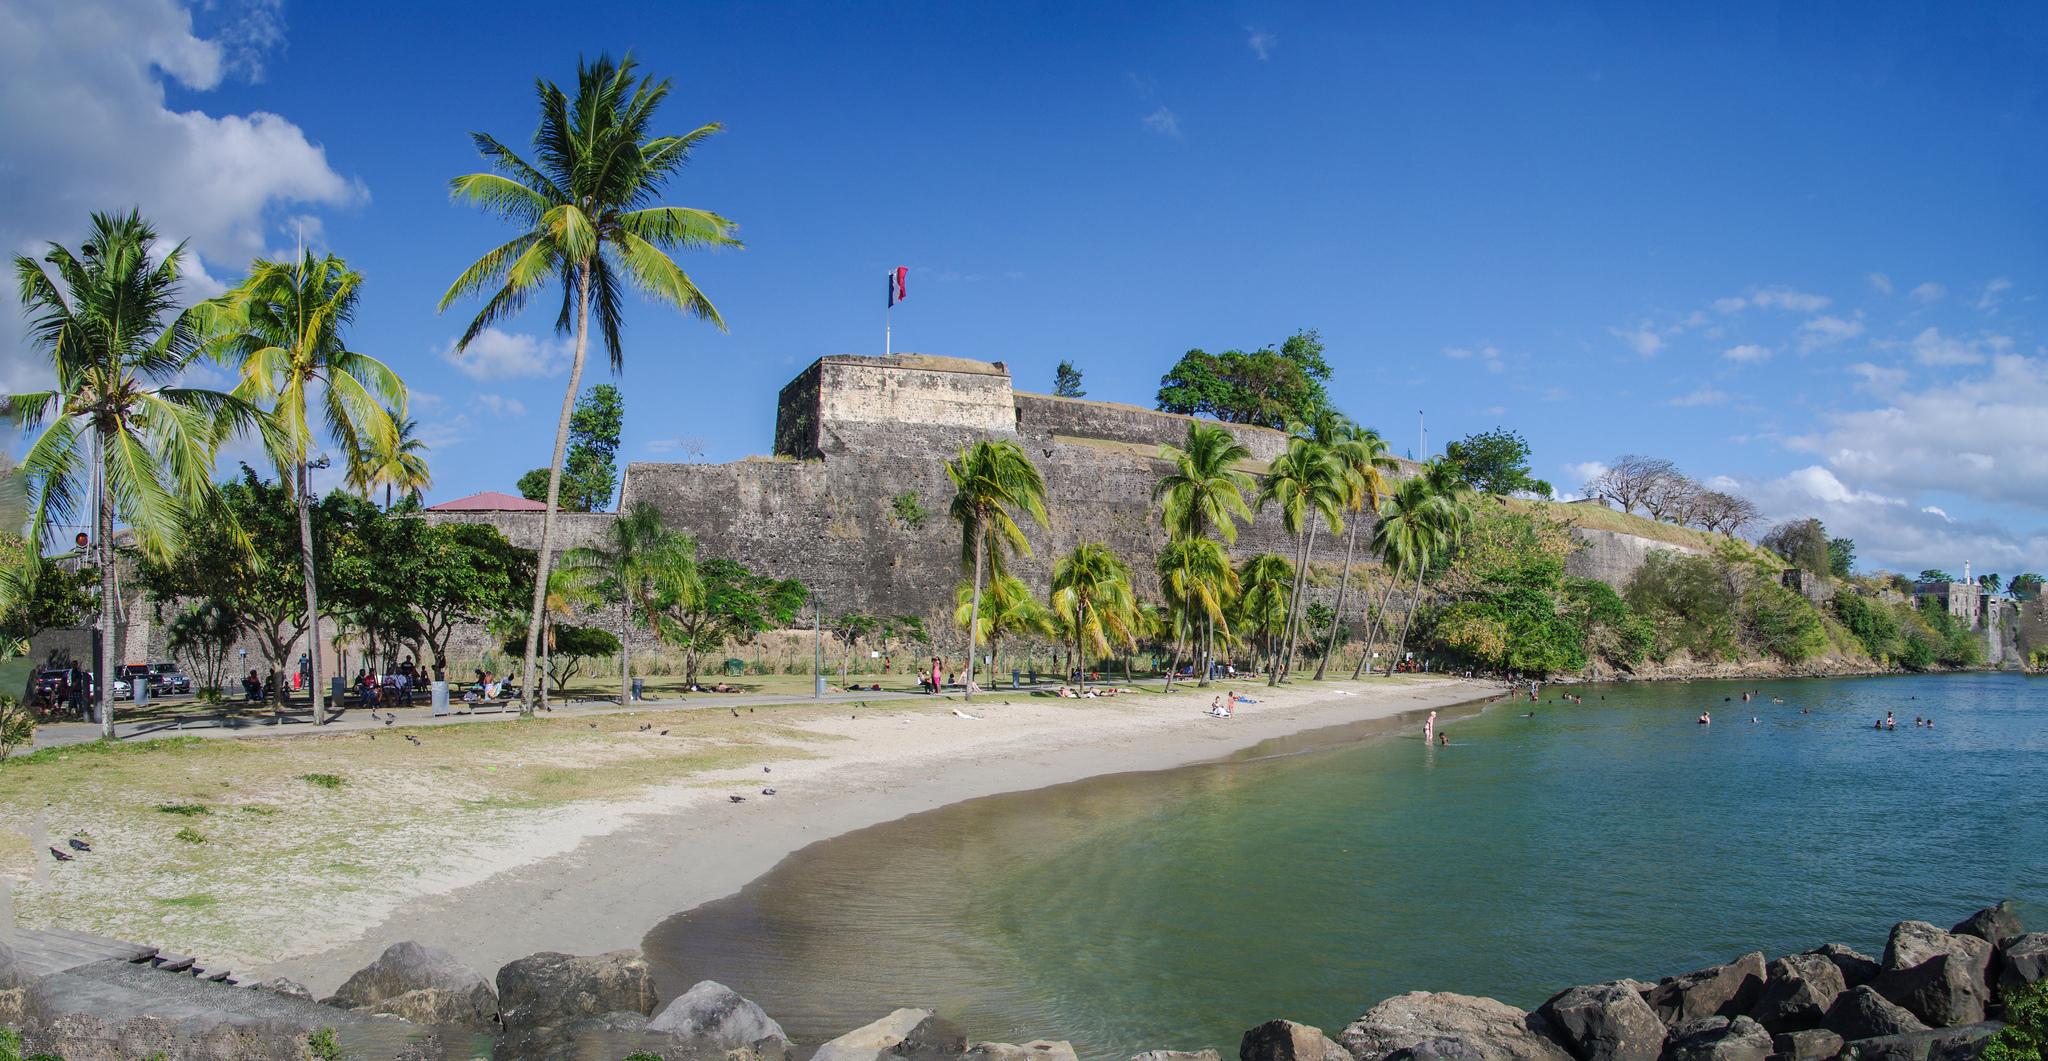 Fort de France nedostala své jméno jen tak, Jean-Marc Astesana